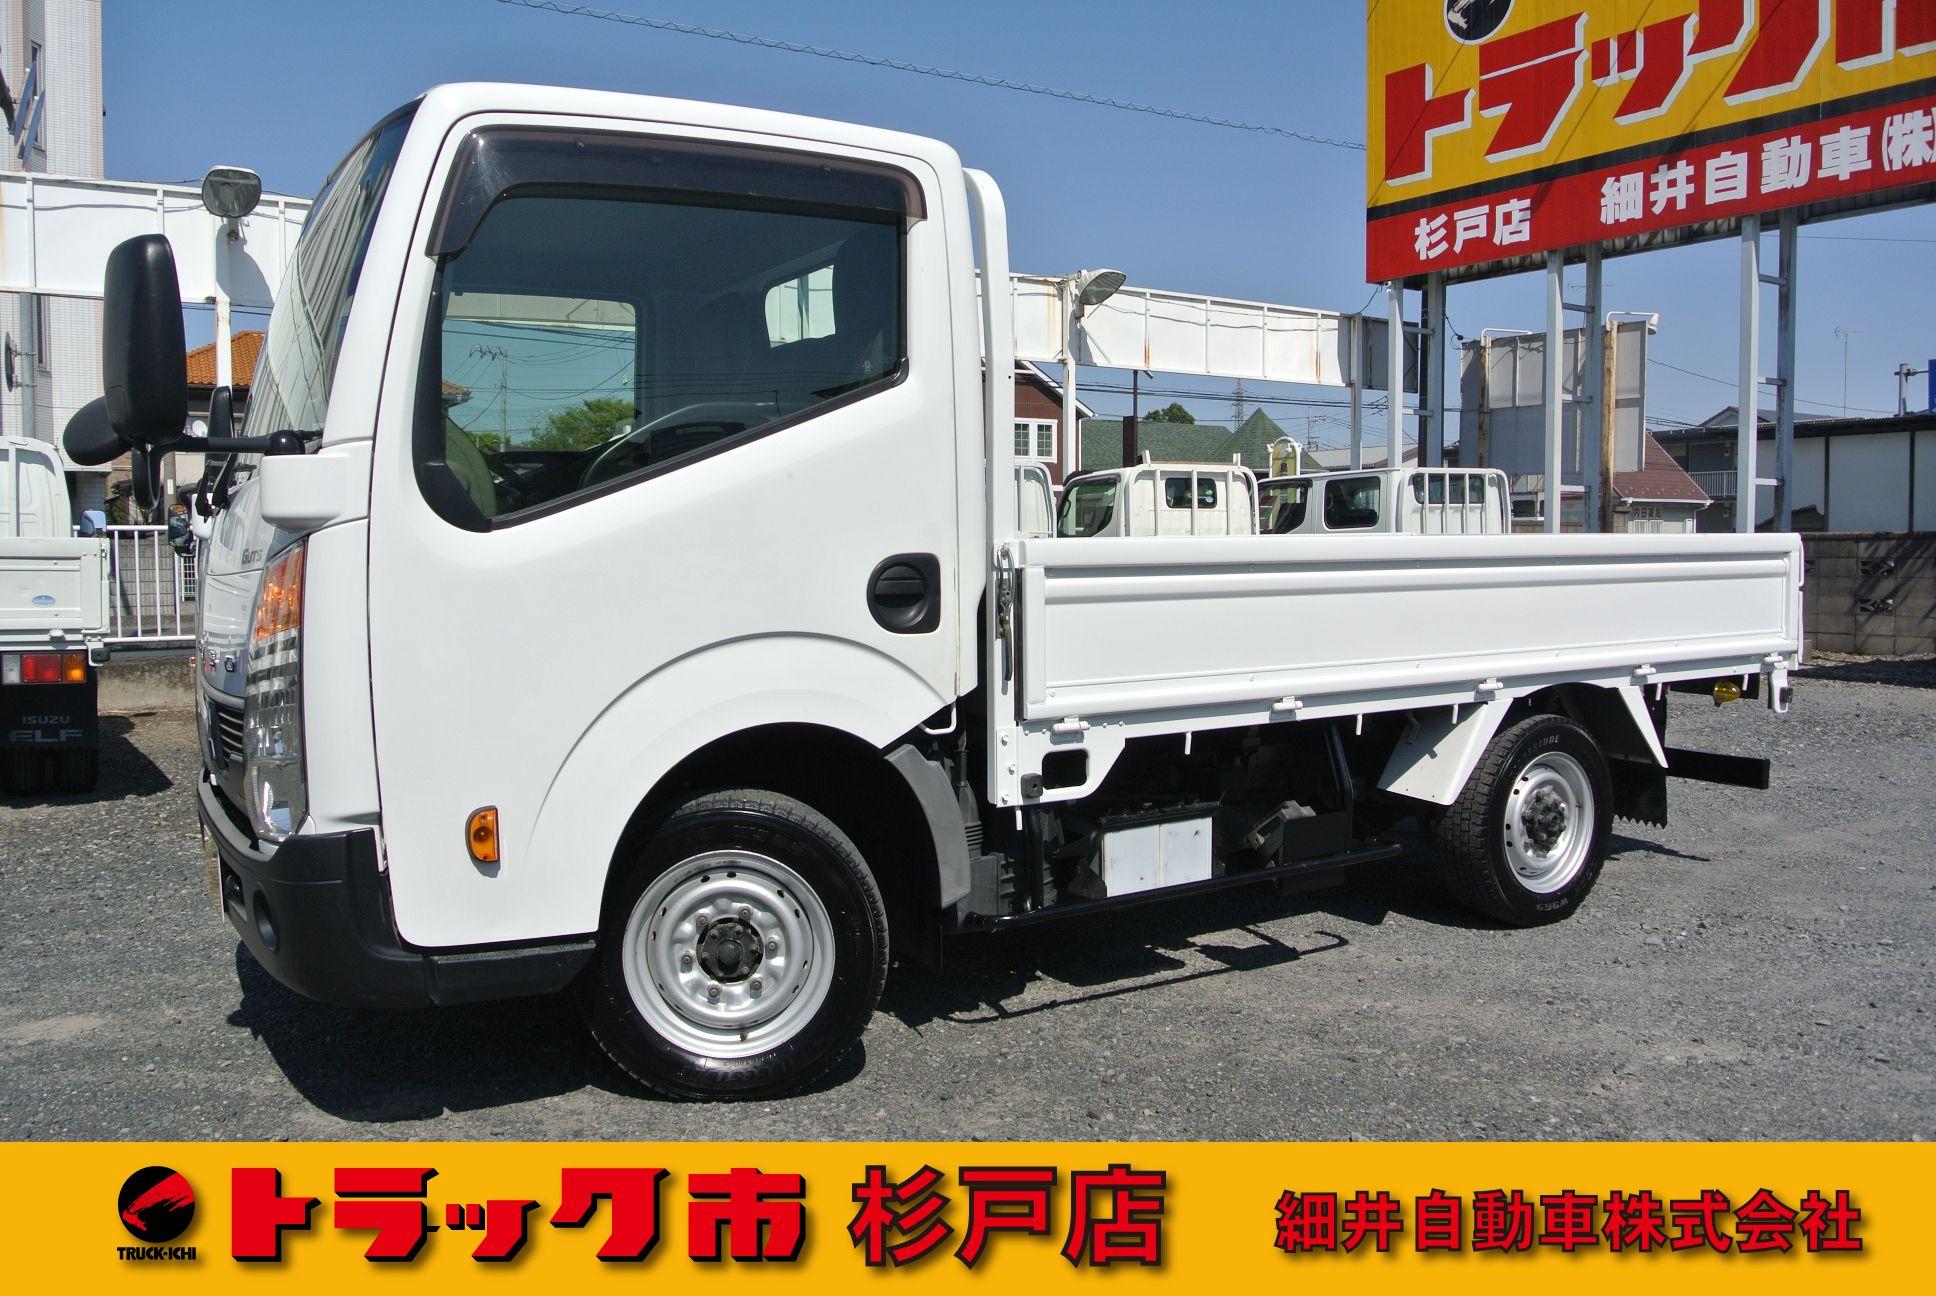 三菱 キャンターガッツ SDG-BSZ5F24 2WD